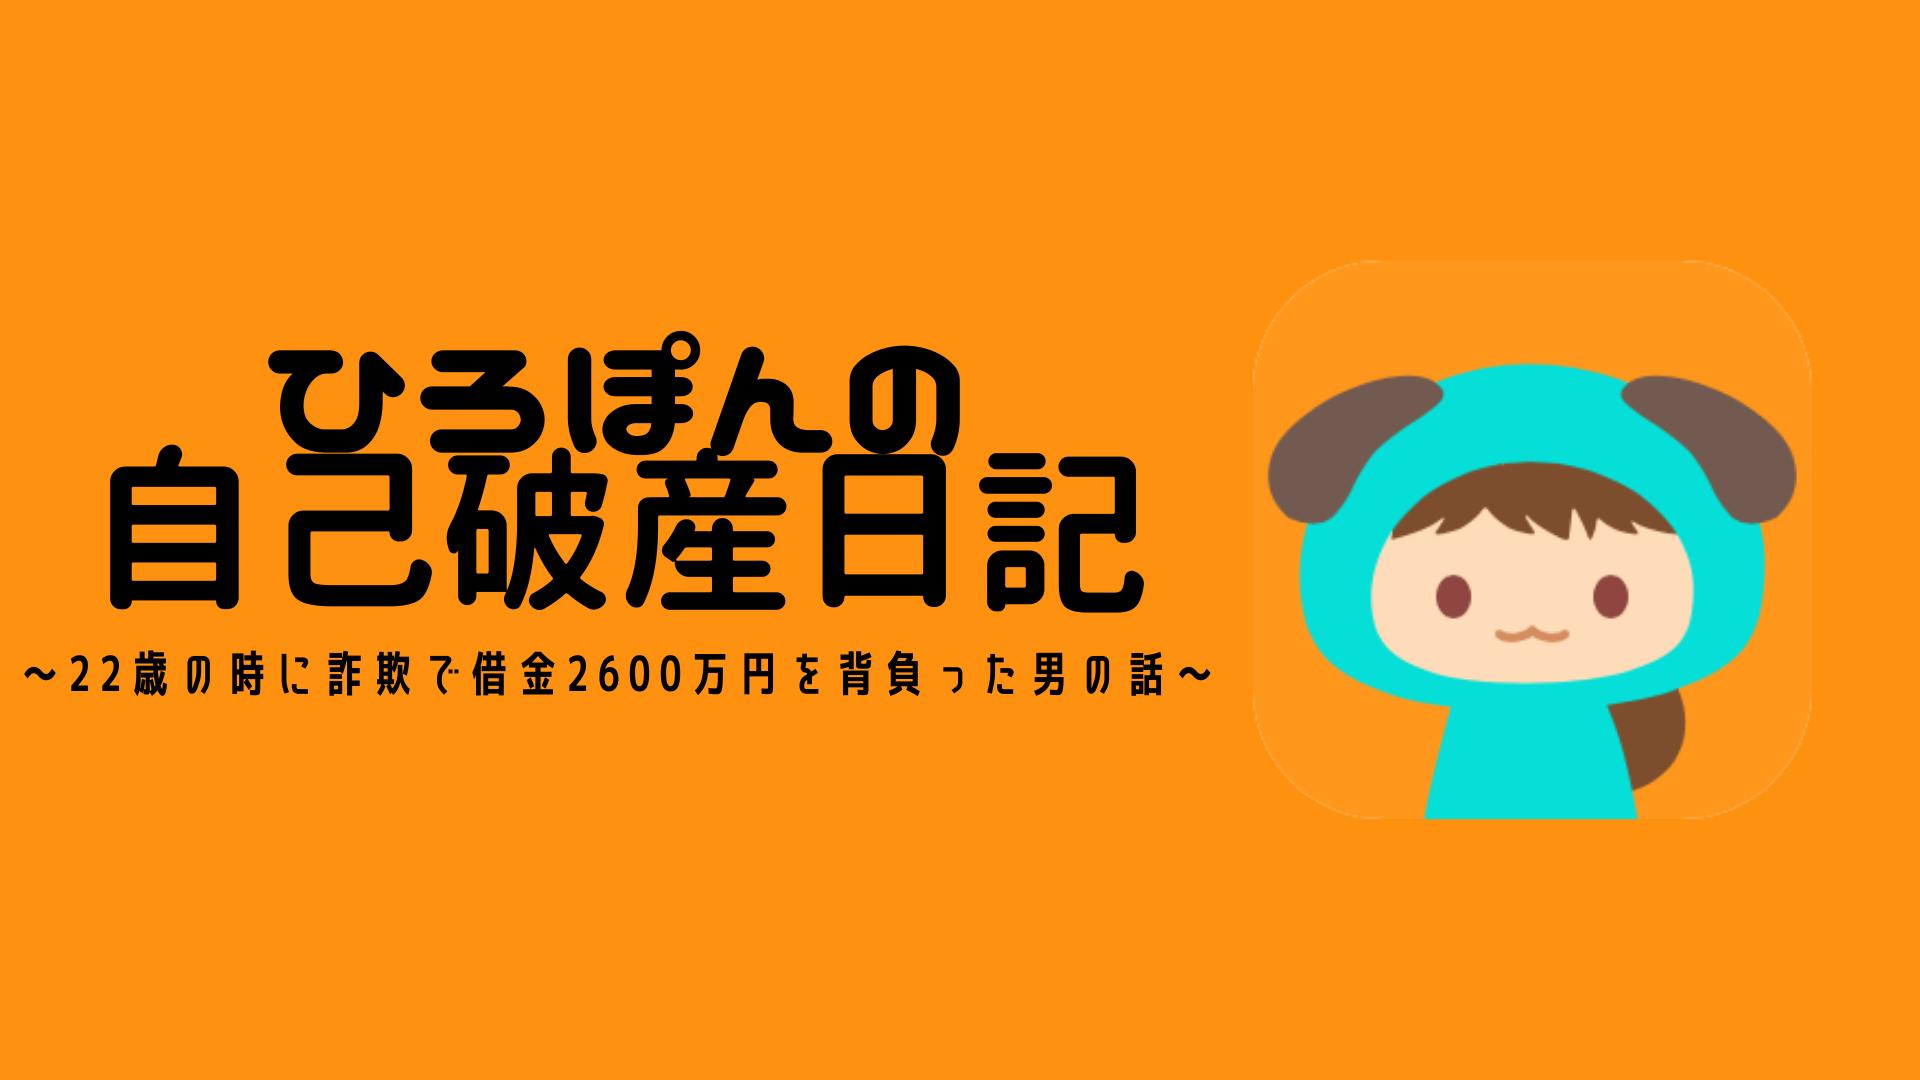 ひろぽんブログ